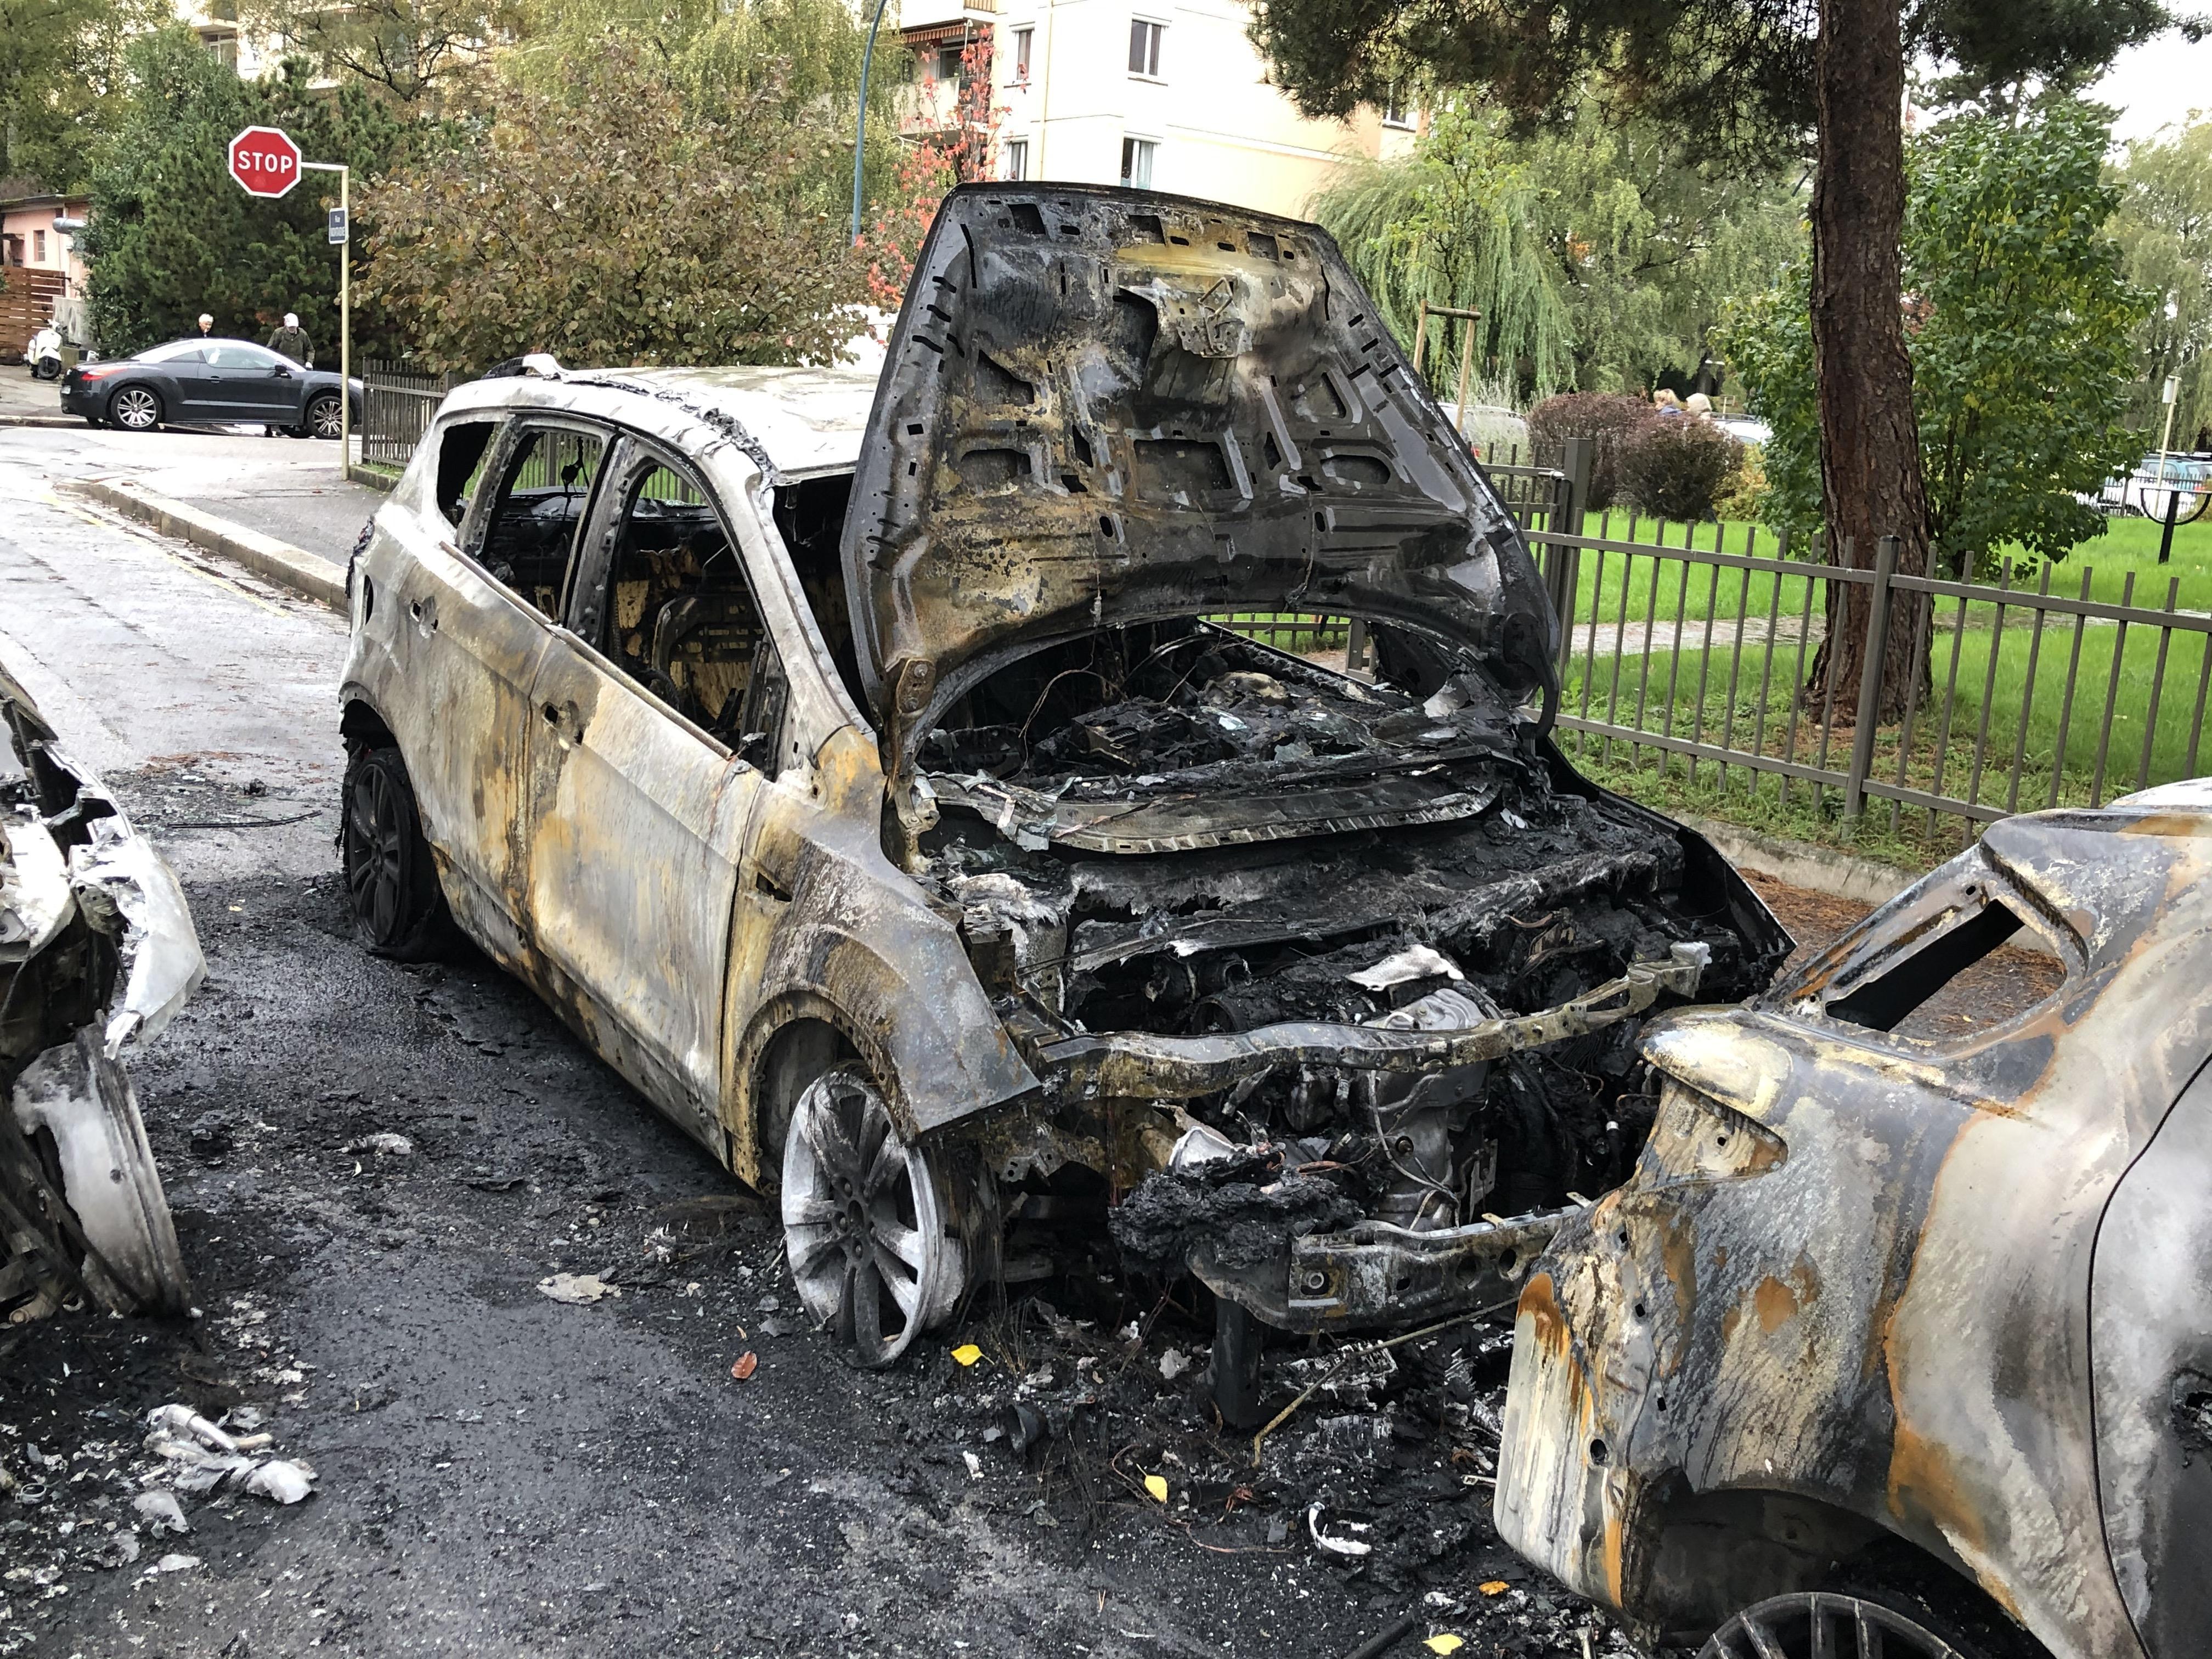 Annecy : une voiture brûle, les flammes se propagent à trois autres véhicules